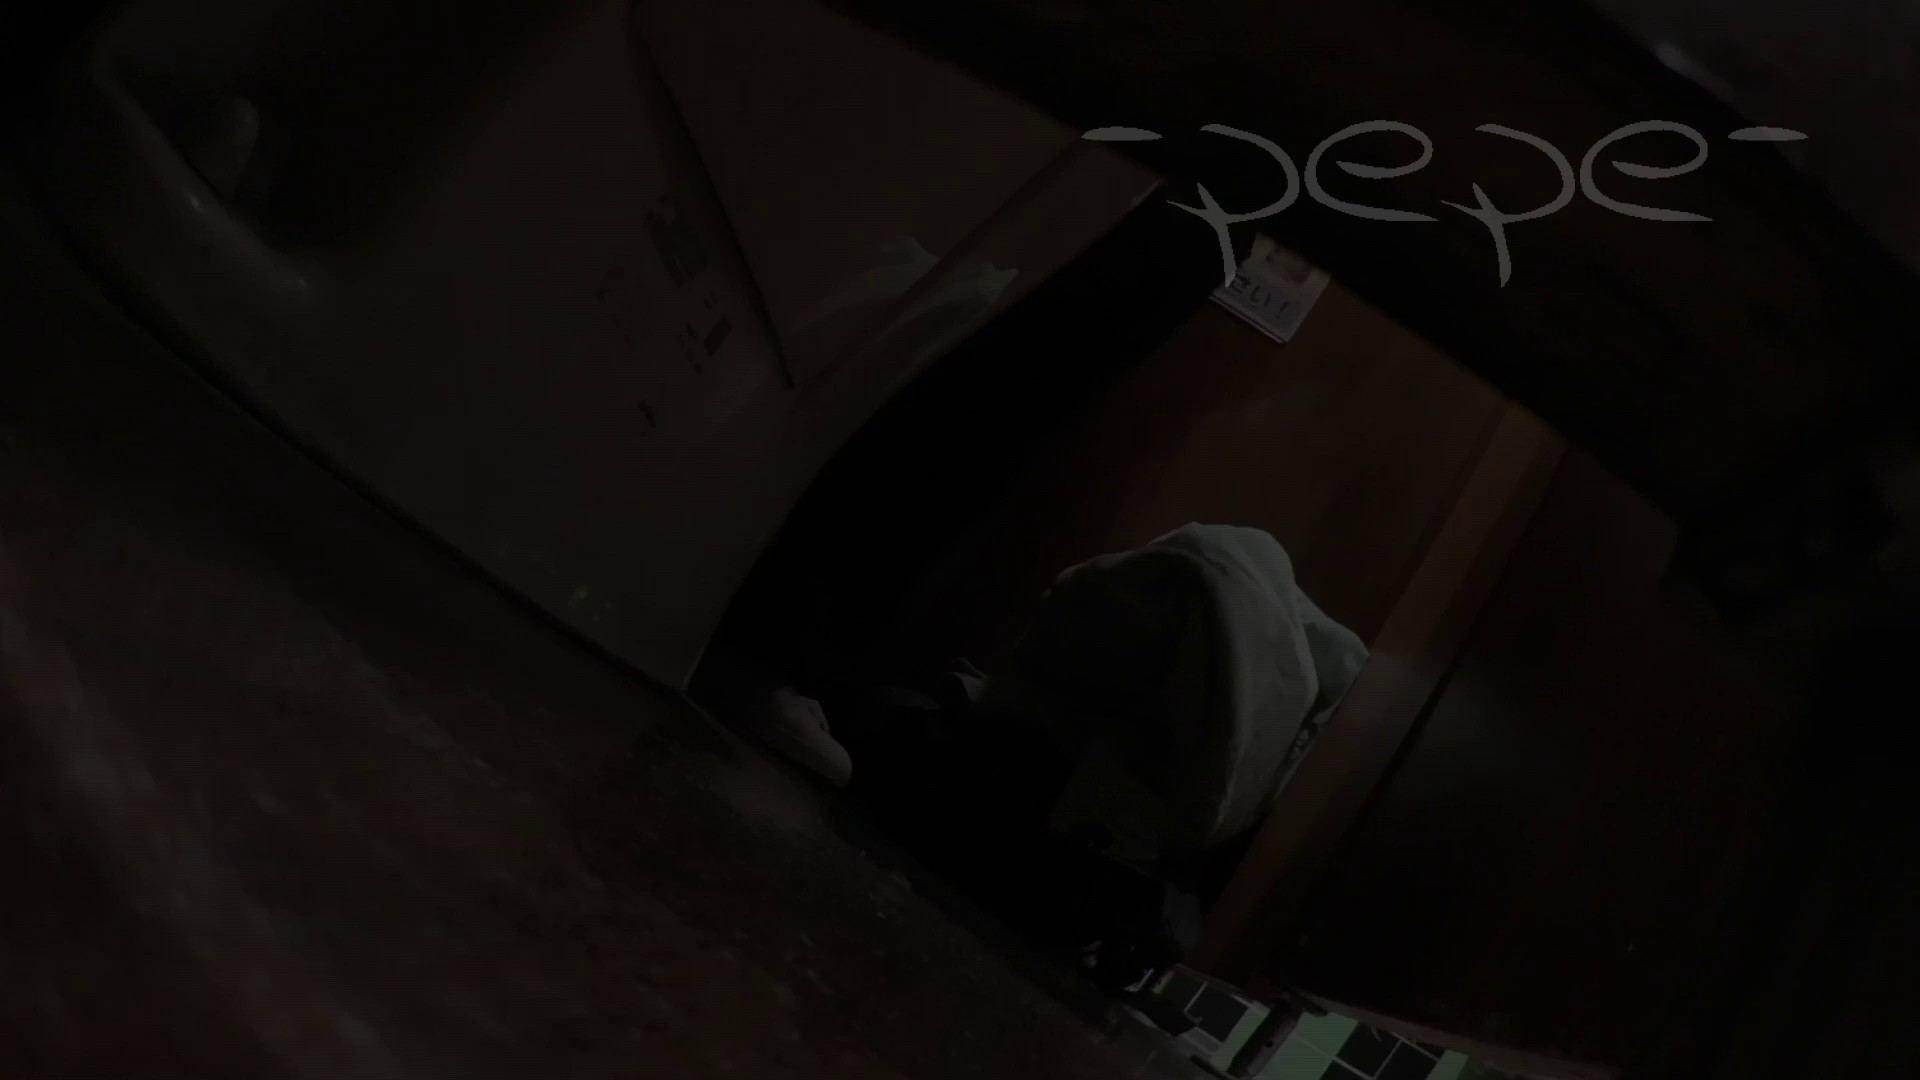 トイレ盗撮|至高洗面所盗撮 29 至高店内撮り 見せますpepeの技!!|怪盗ジョーカー